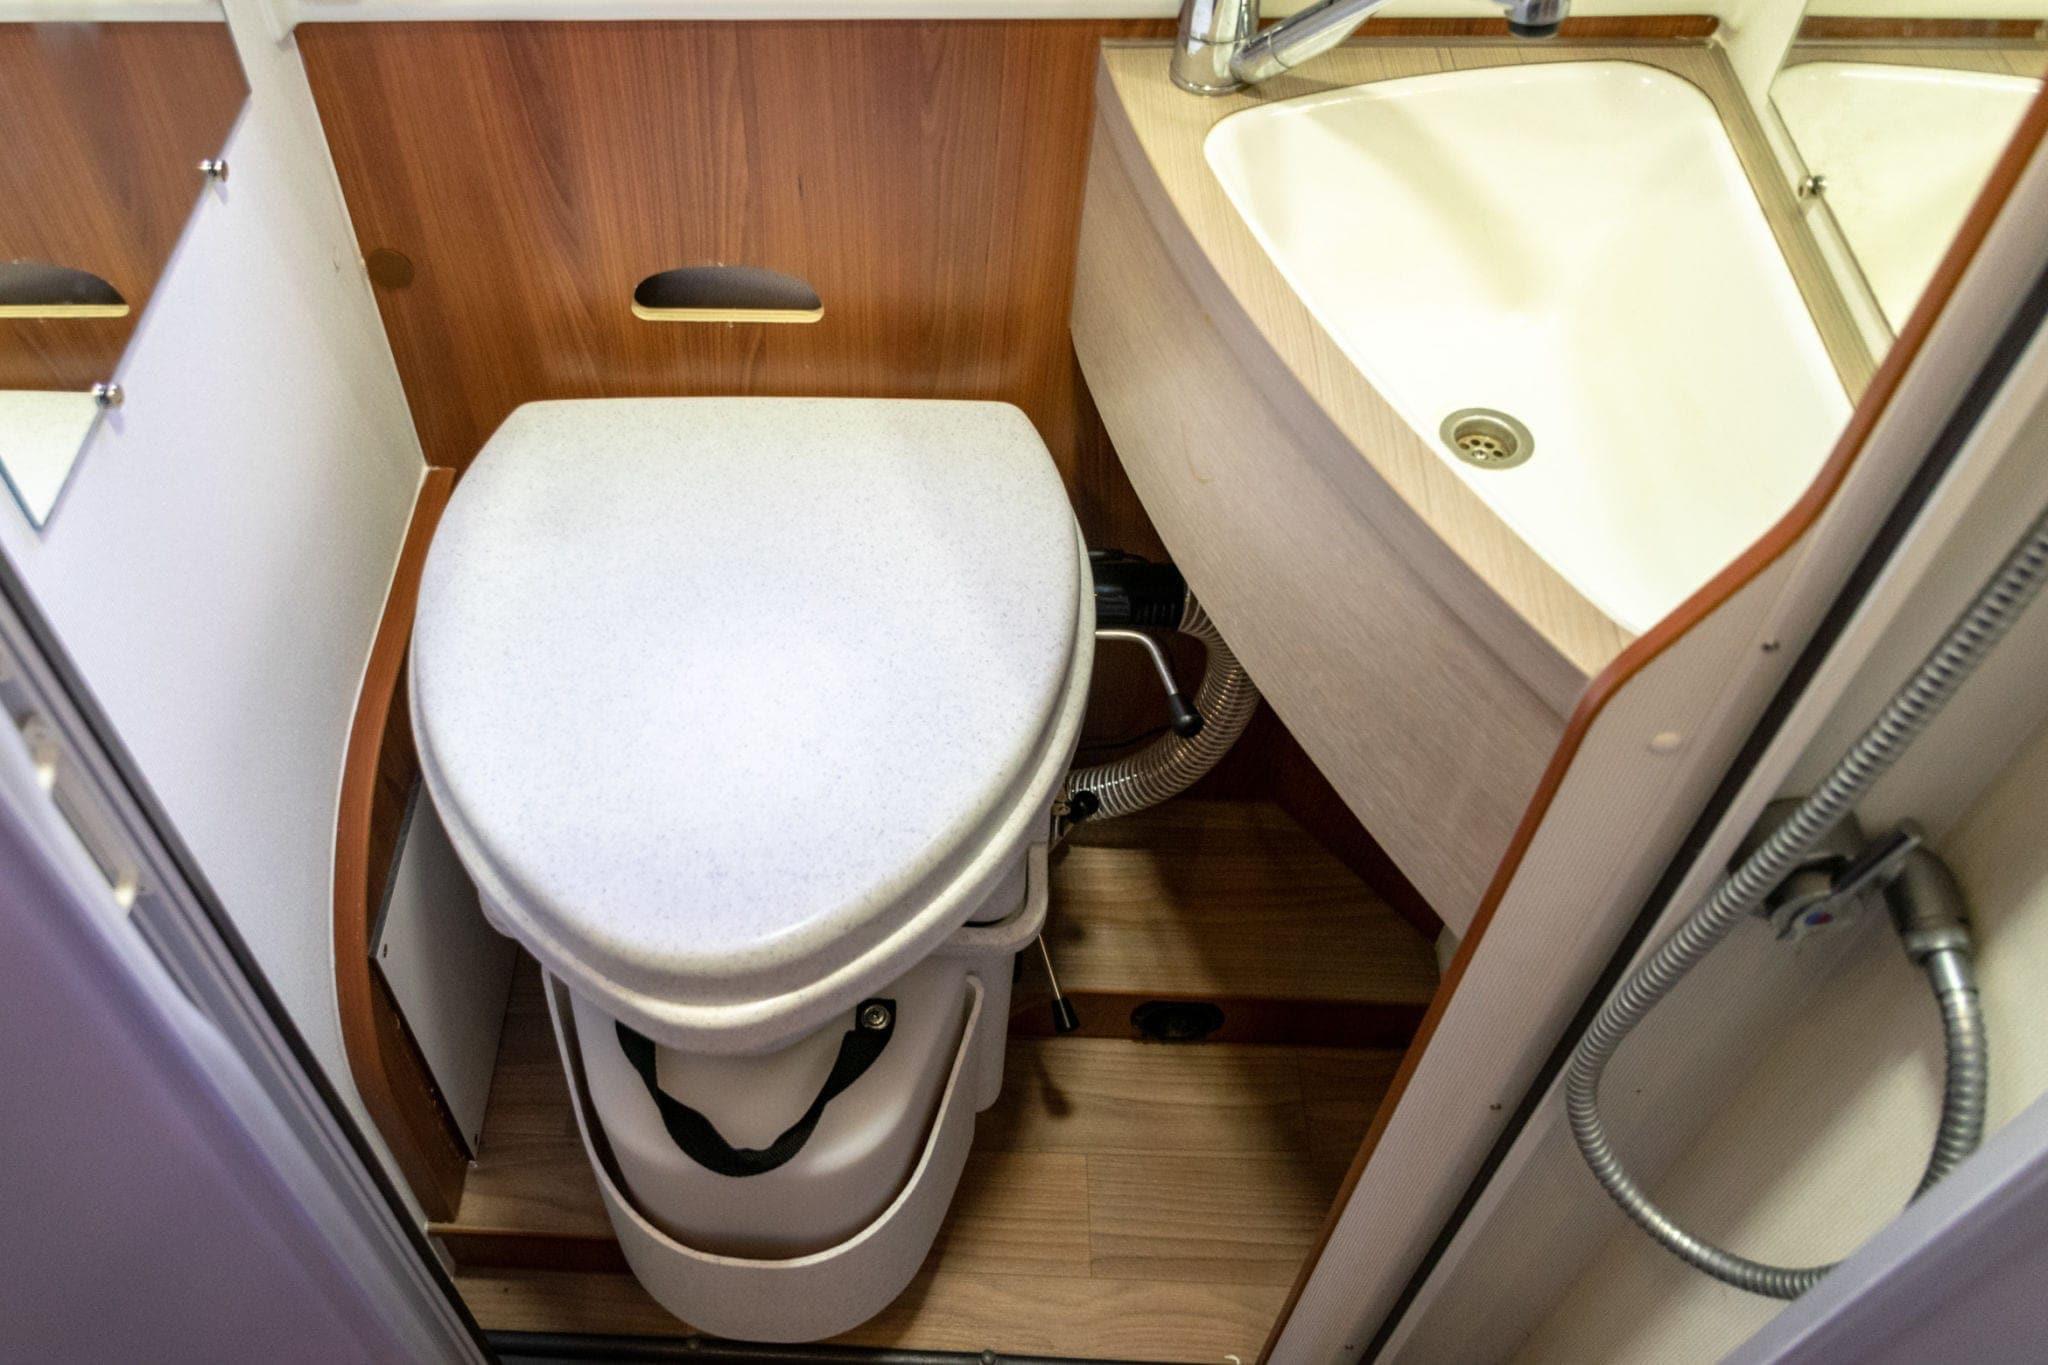 80faf57021151 Krasser Scheiß – Einbau einer Komposttoilette ins Wohnmobil